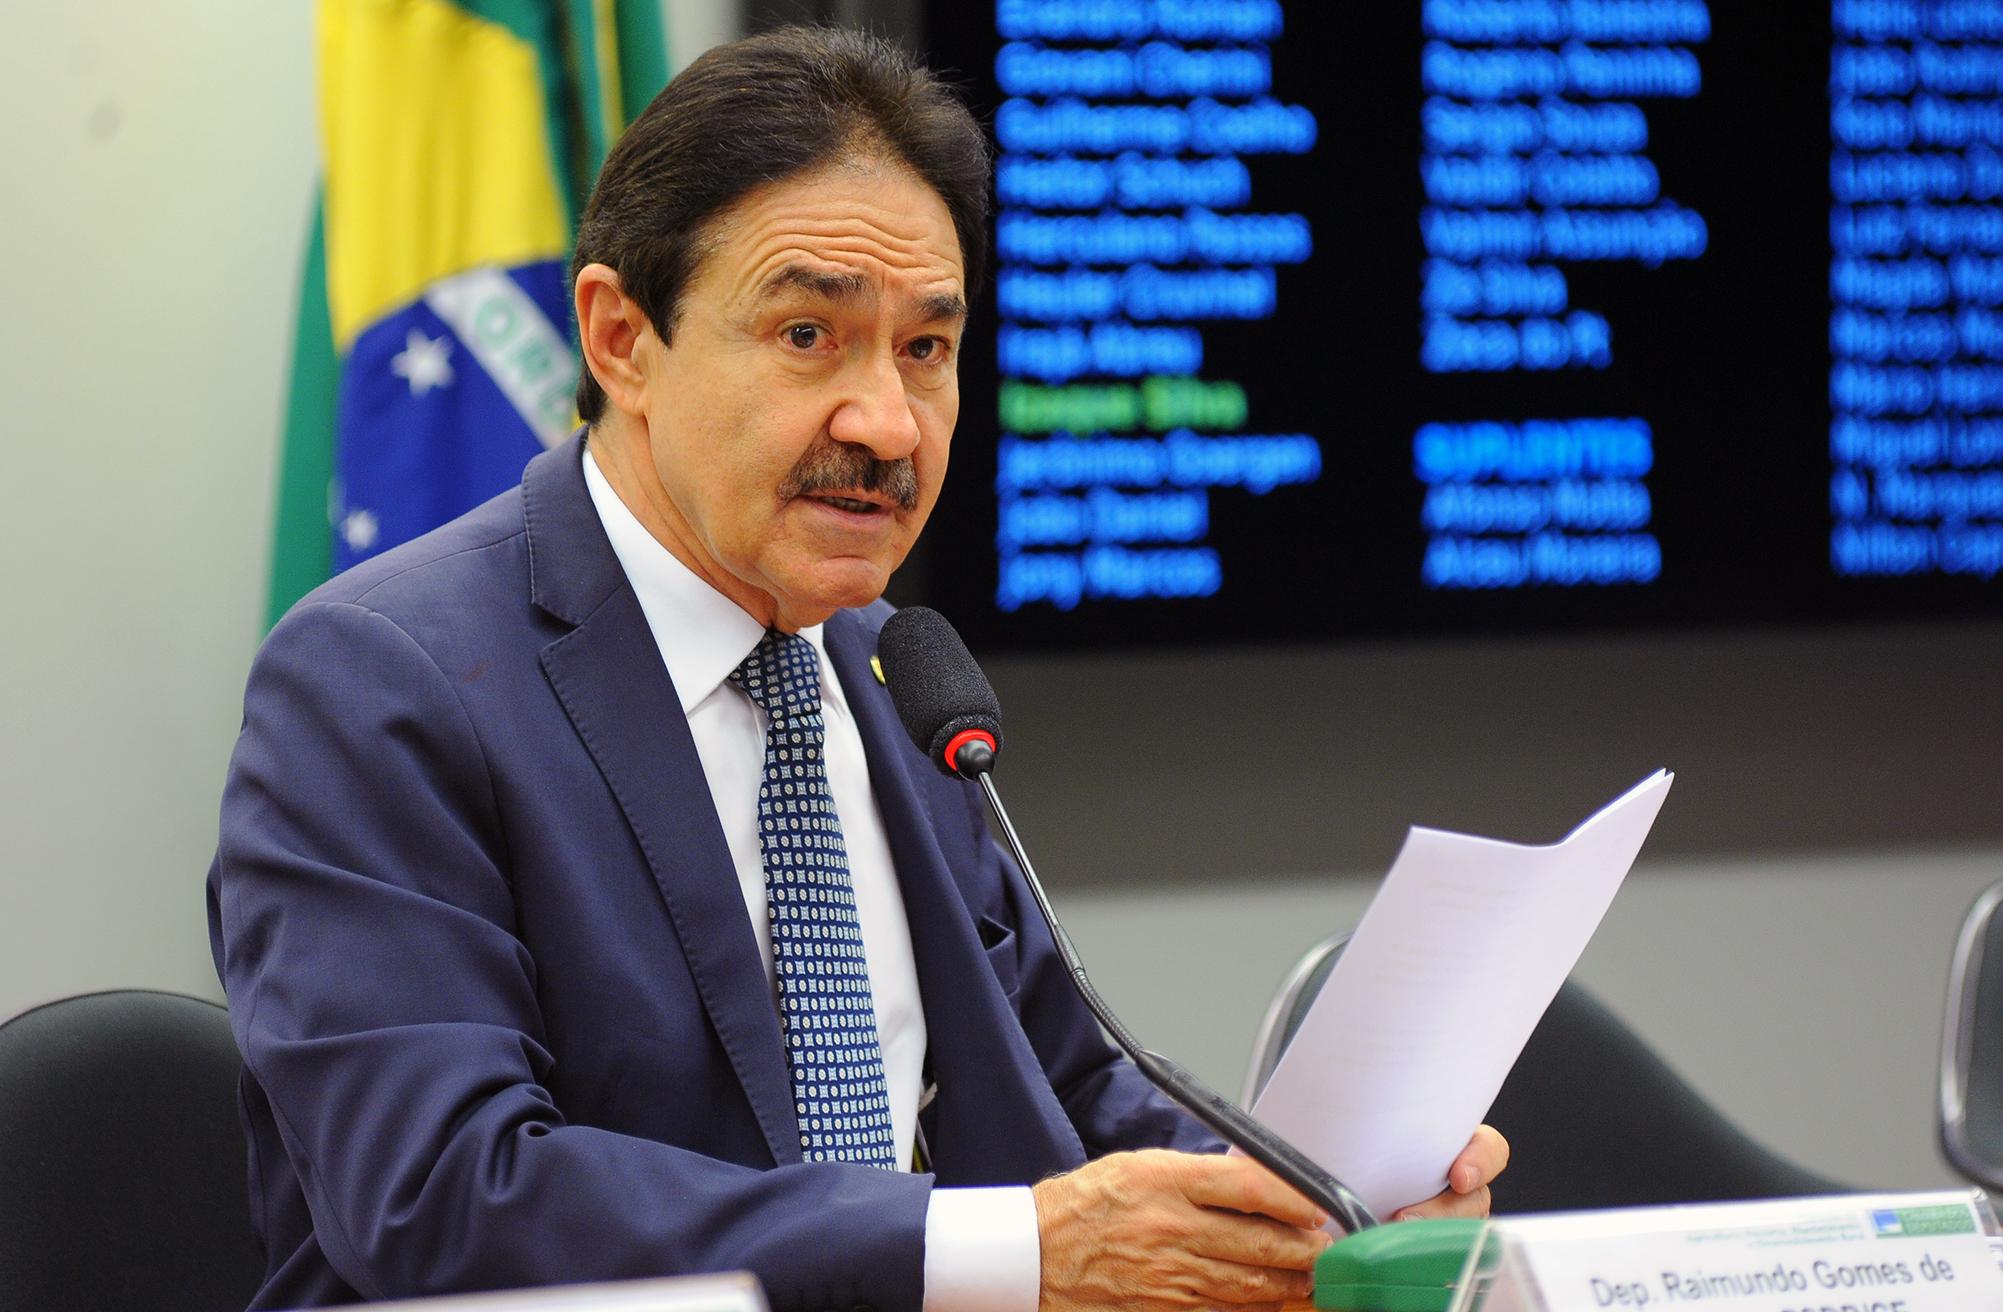 Audiência pública sobre as diretrizes operacionais de financiamento à Carcinicultura. Dep. Raimundo Gomes de Matos (PSDB - CE)